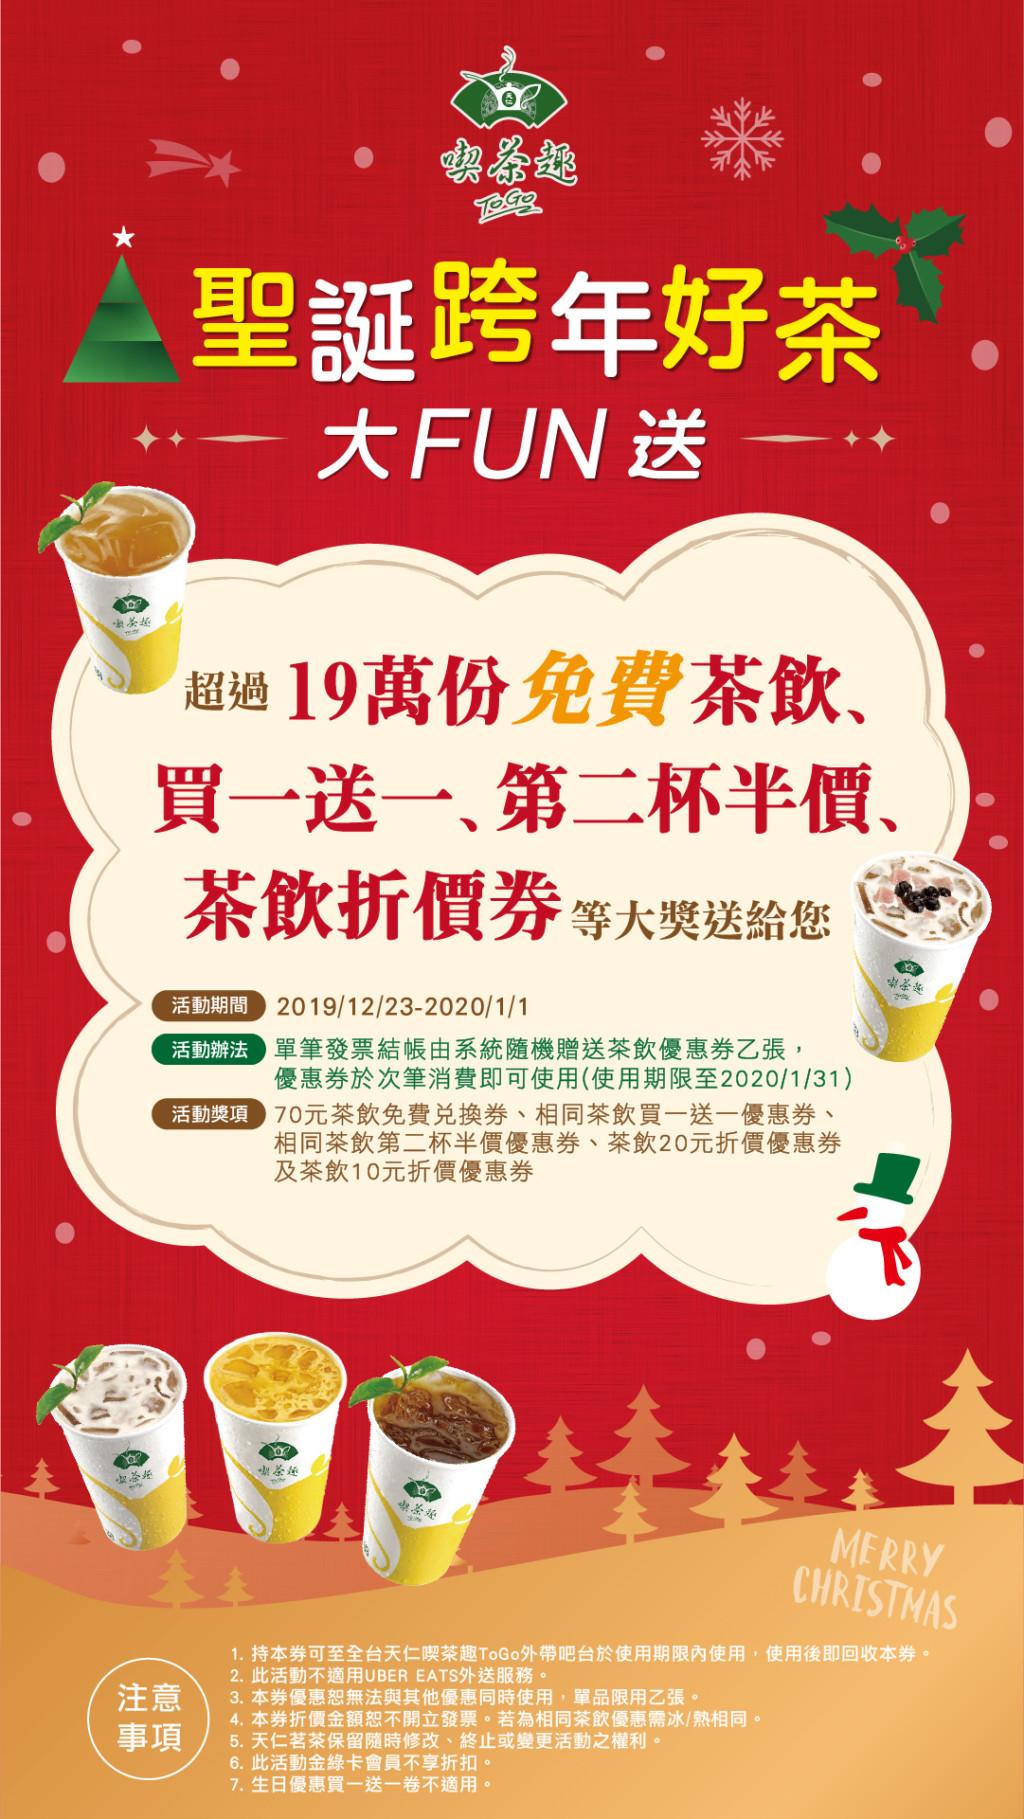 天仁喫茶趣ToGo超過19萬份免費茶飲、買一送一大FUN送 讓你聖誕到跨年喝不停